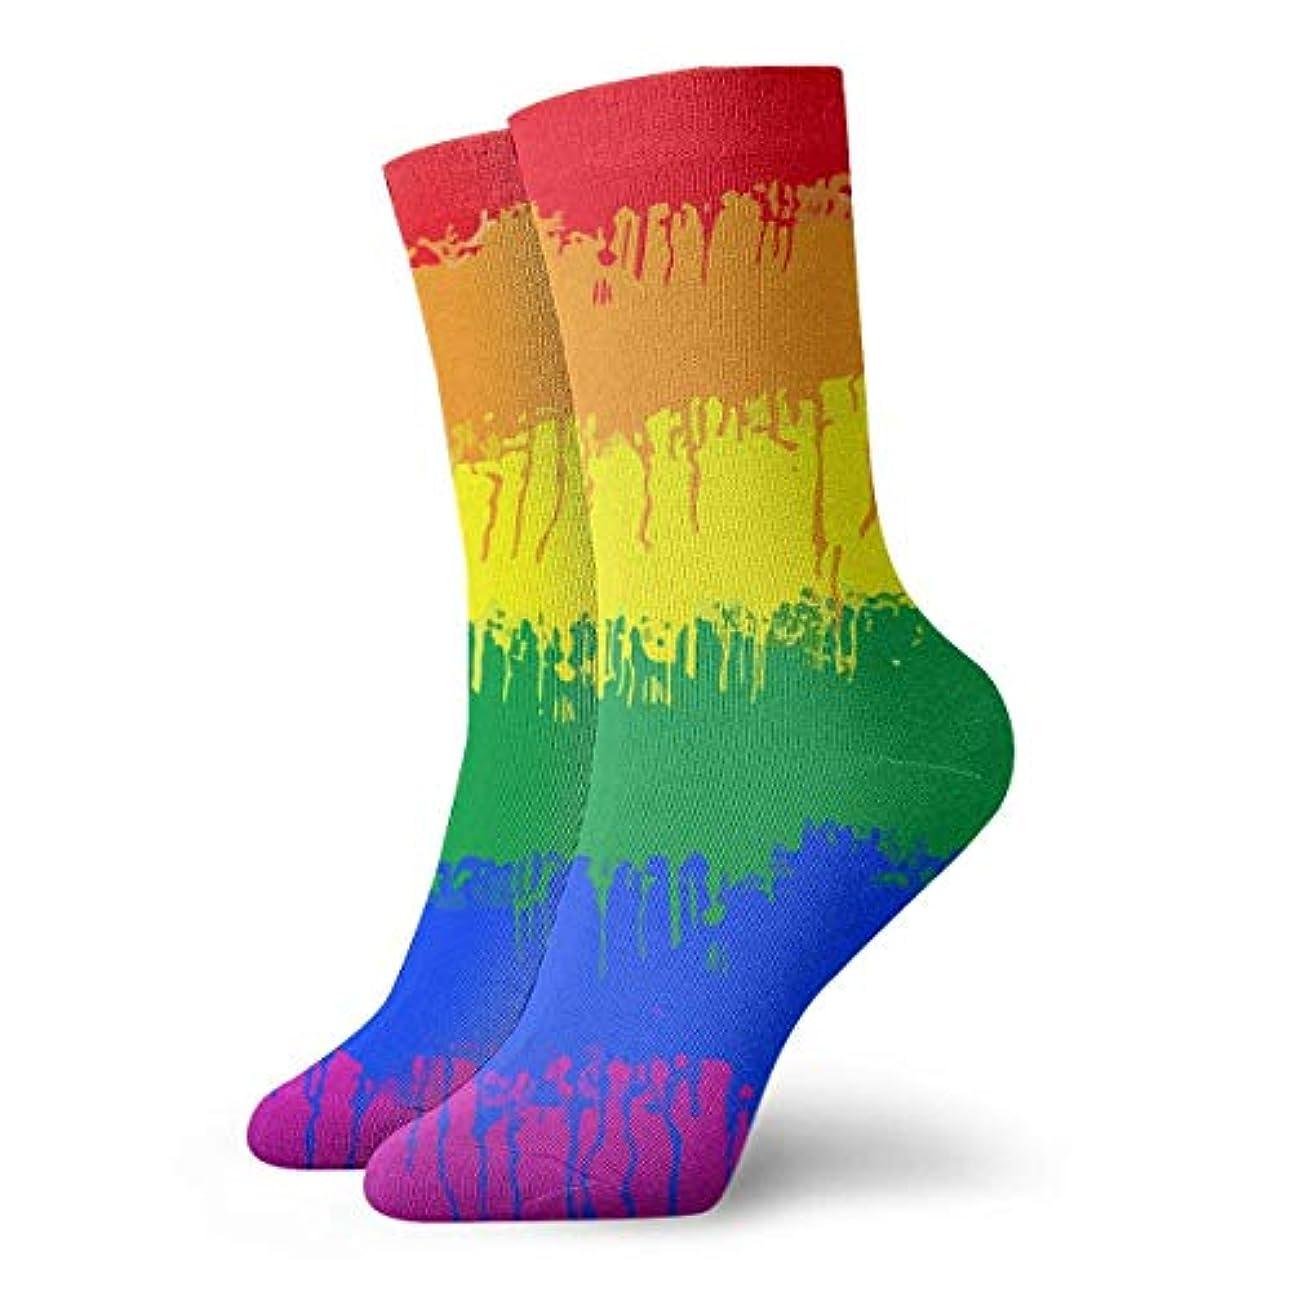 ポーズ侮辱通りqrriyノベルティデザインクルーソックス、LGBTゲイレズビアンの旗、クリスマス休暇クレイジー楽しいカラフルな派手な靴下、冬暖かいストレッチクルーソックス